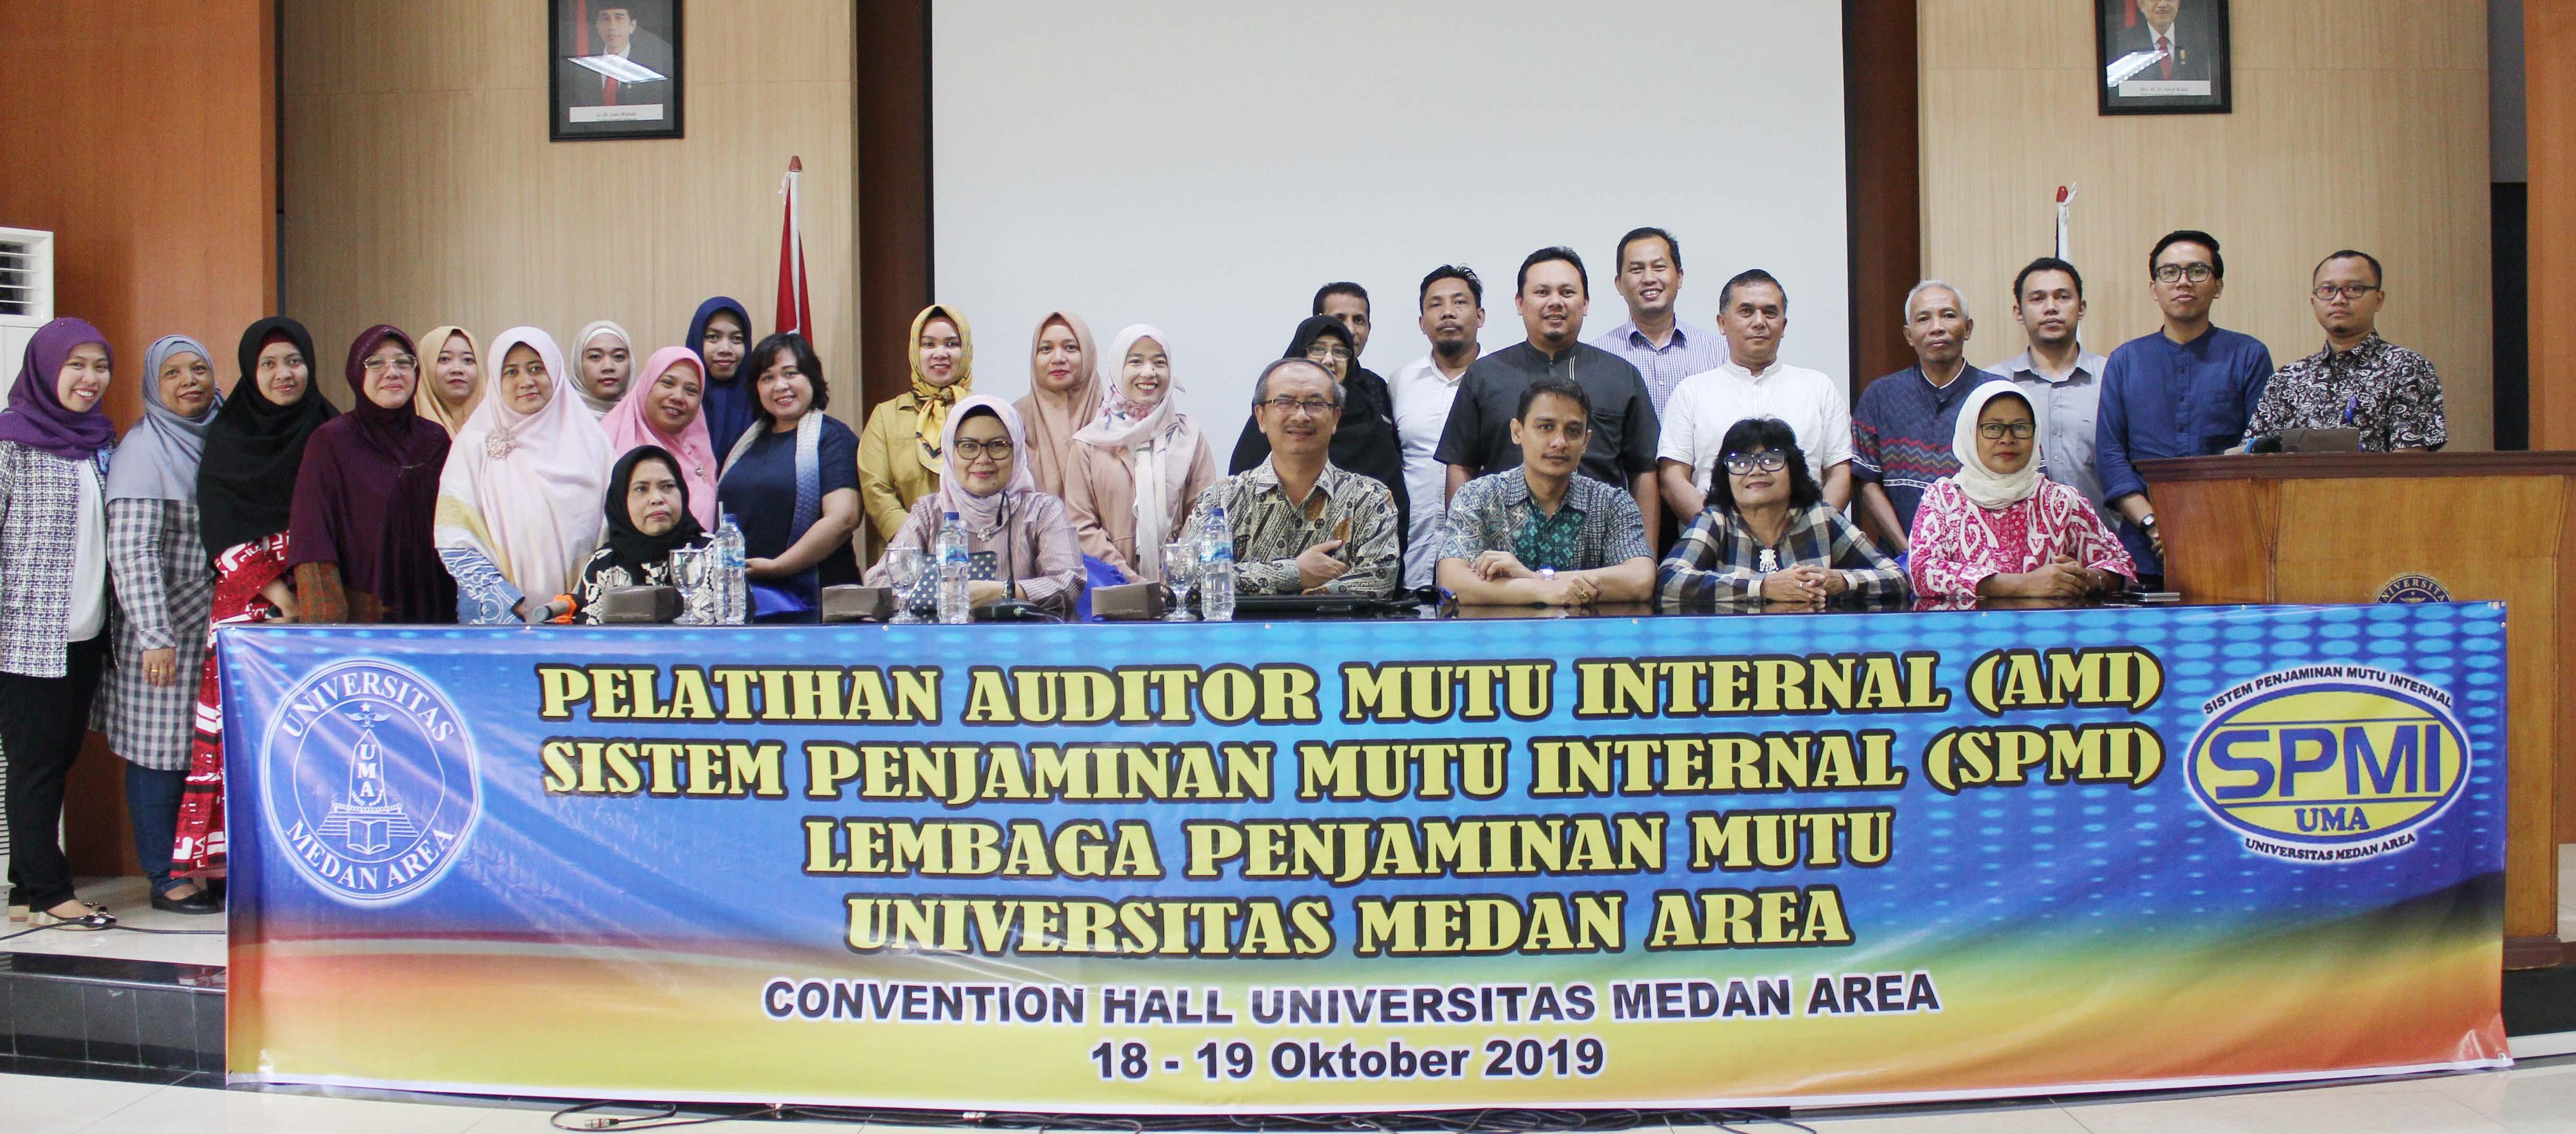 foto-bersama-pelatihan-auditor-mutu-internal-uma.JPG